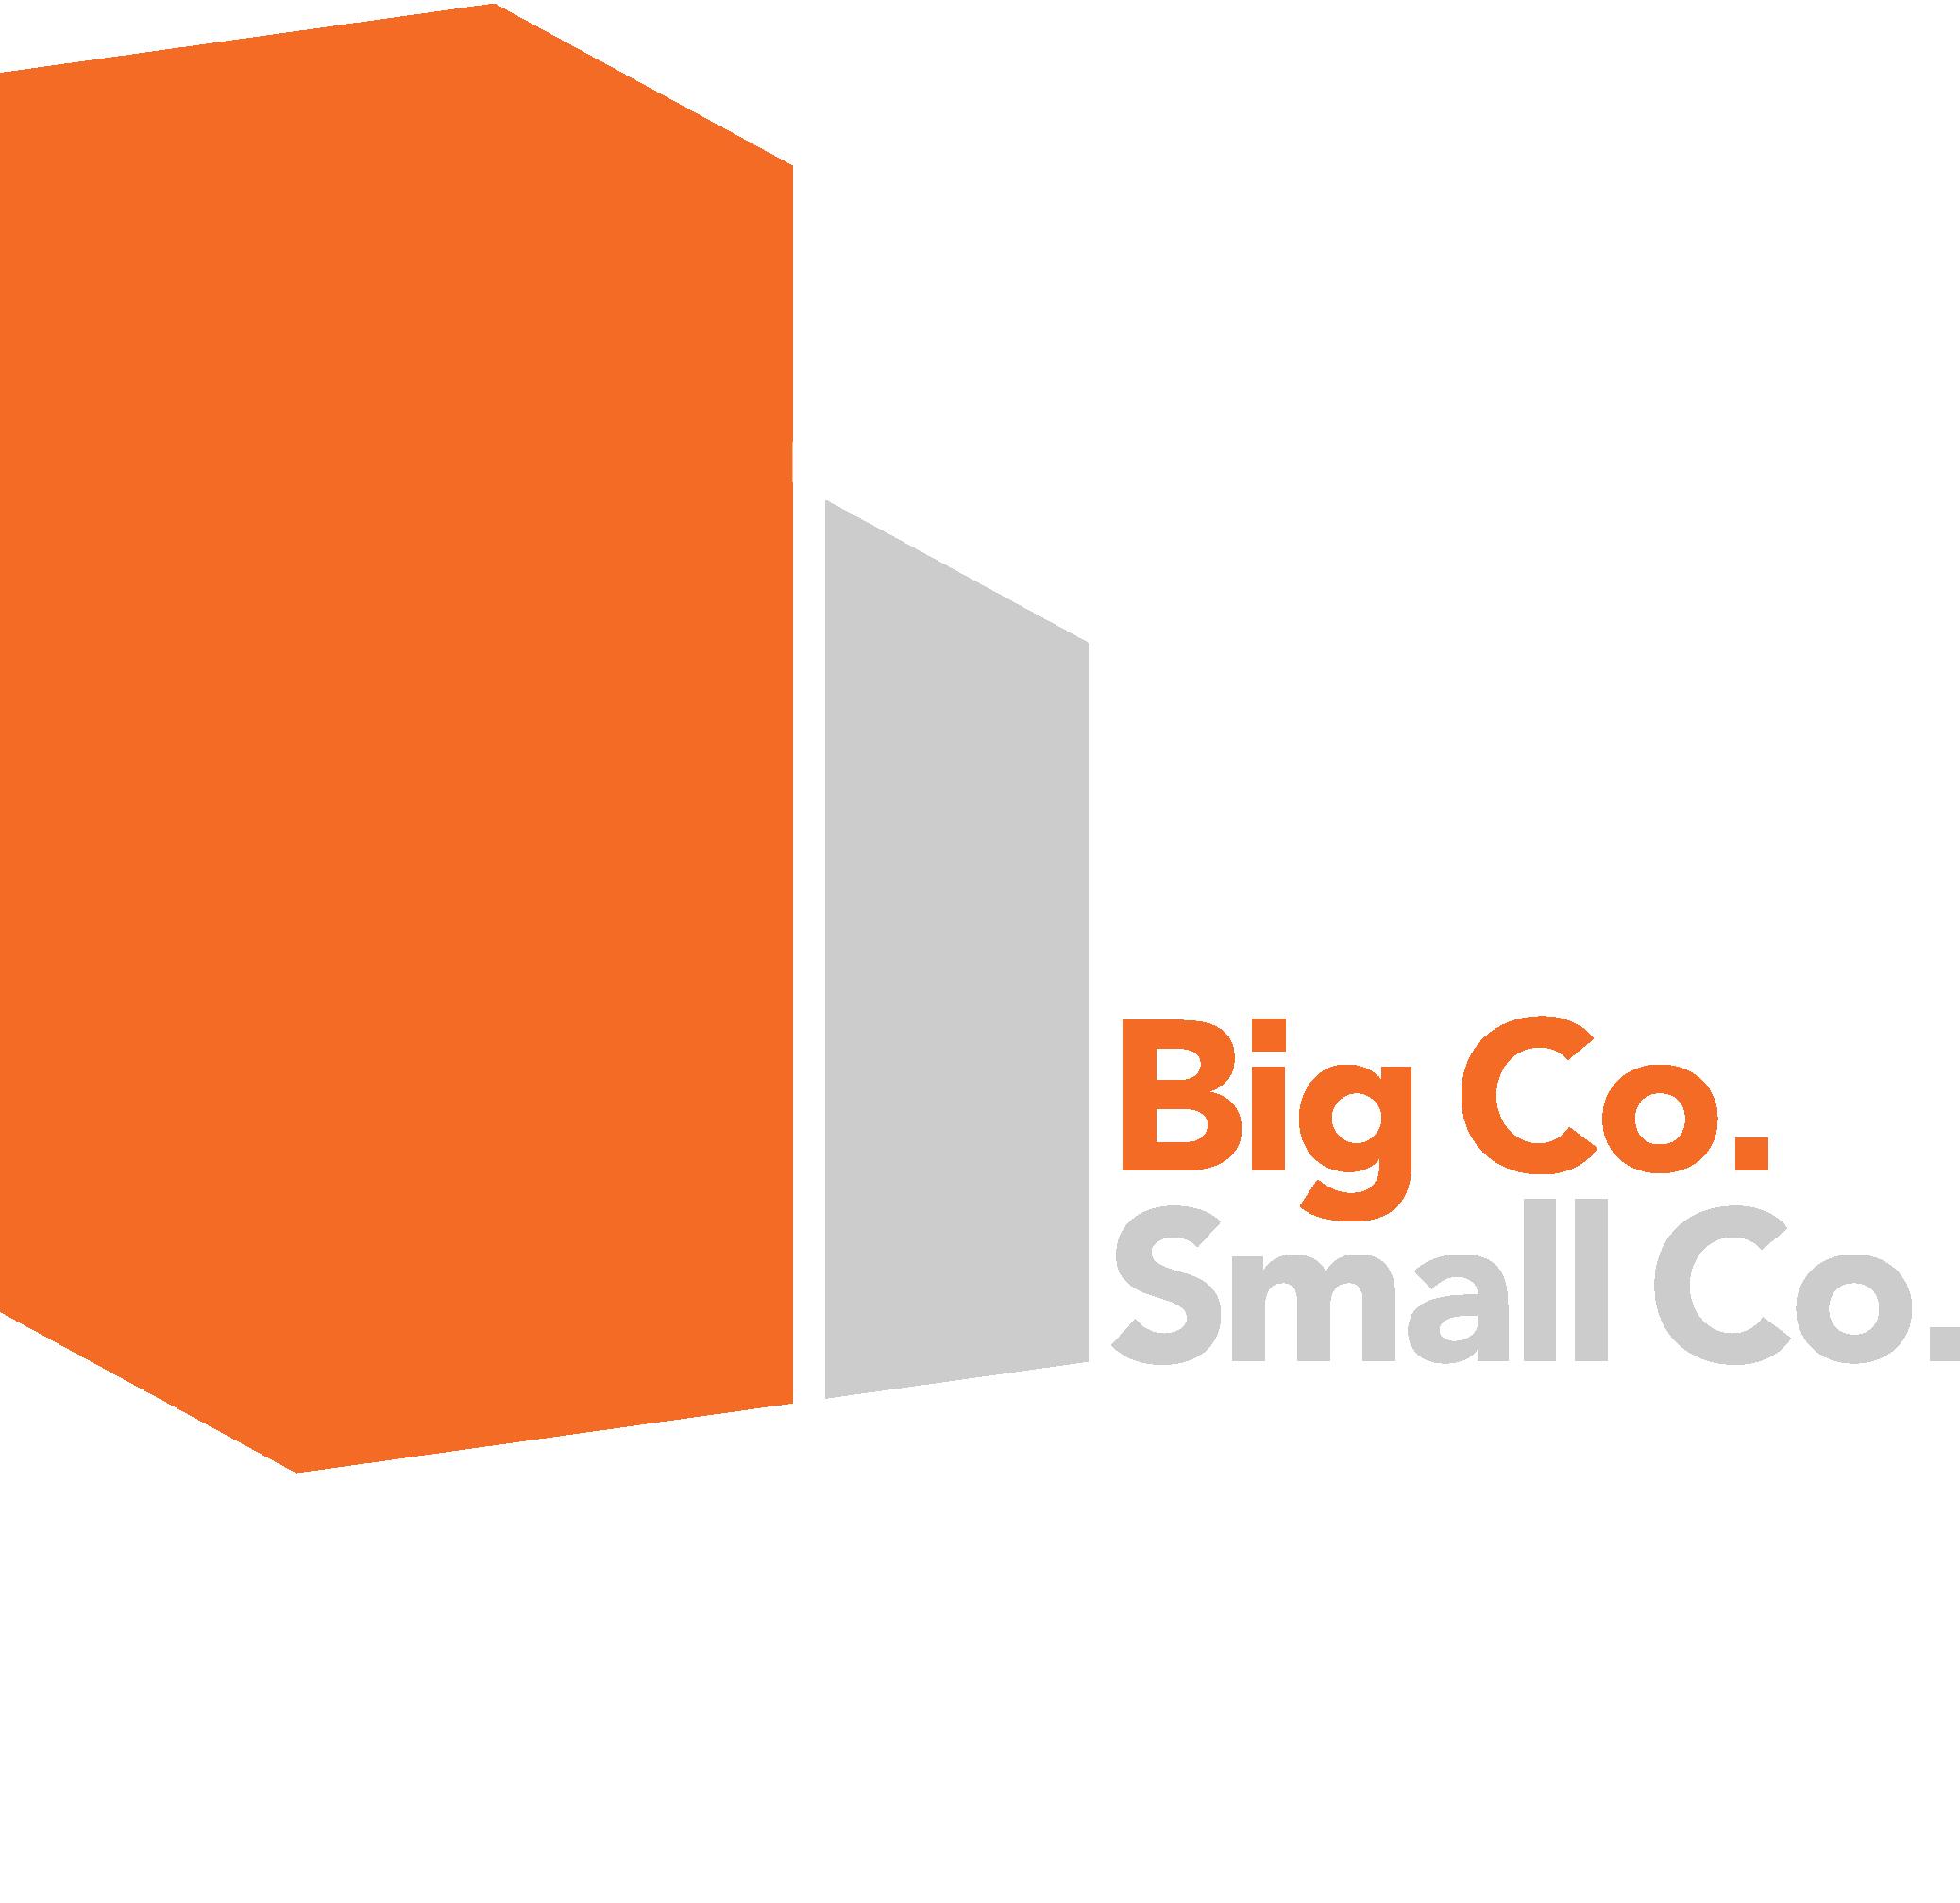 BCSC_Logo_OrangeWhite-01.png